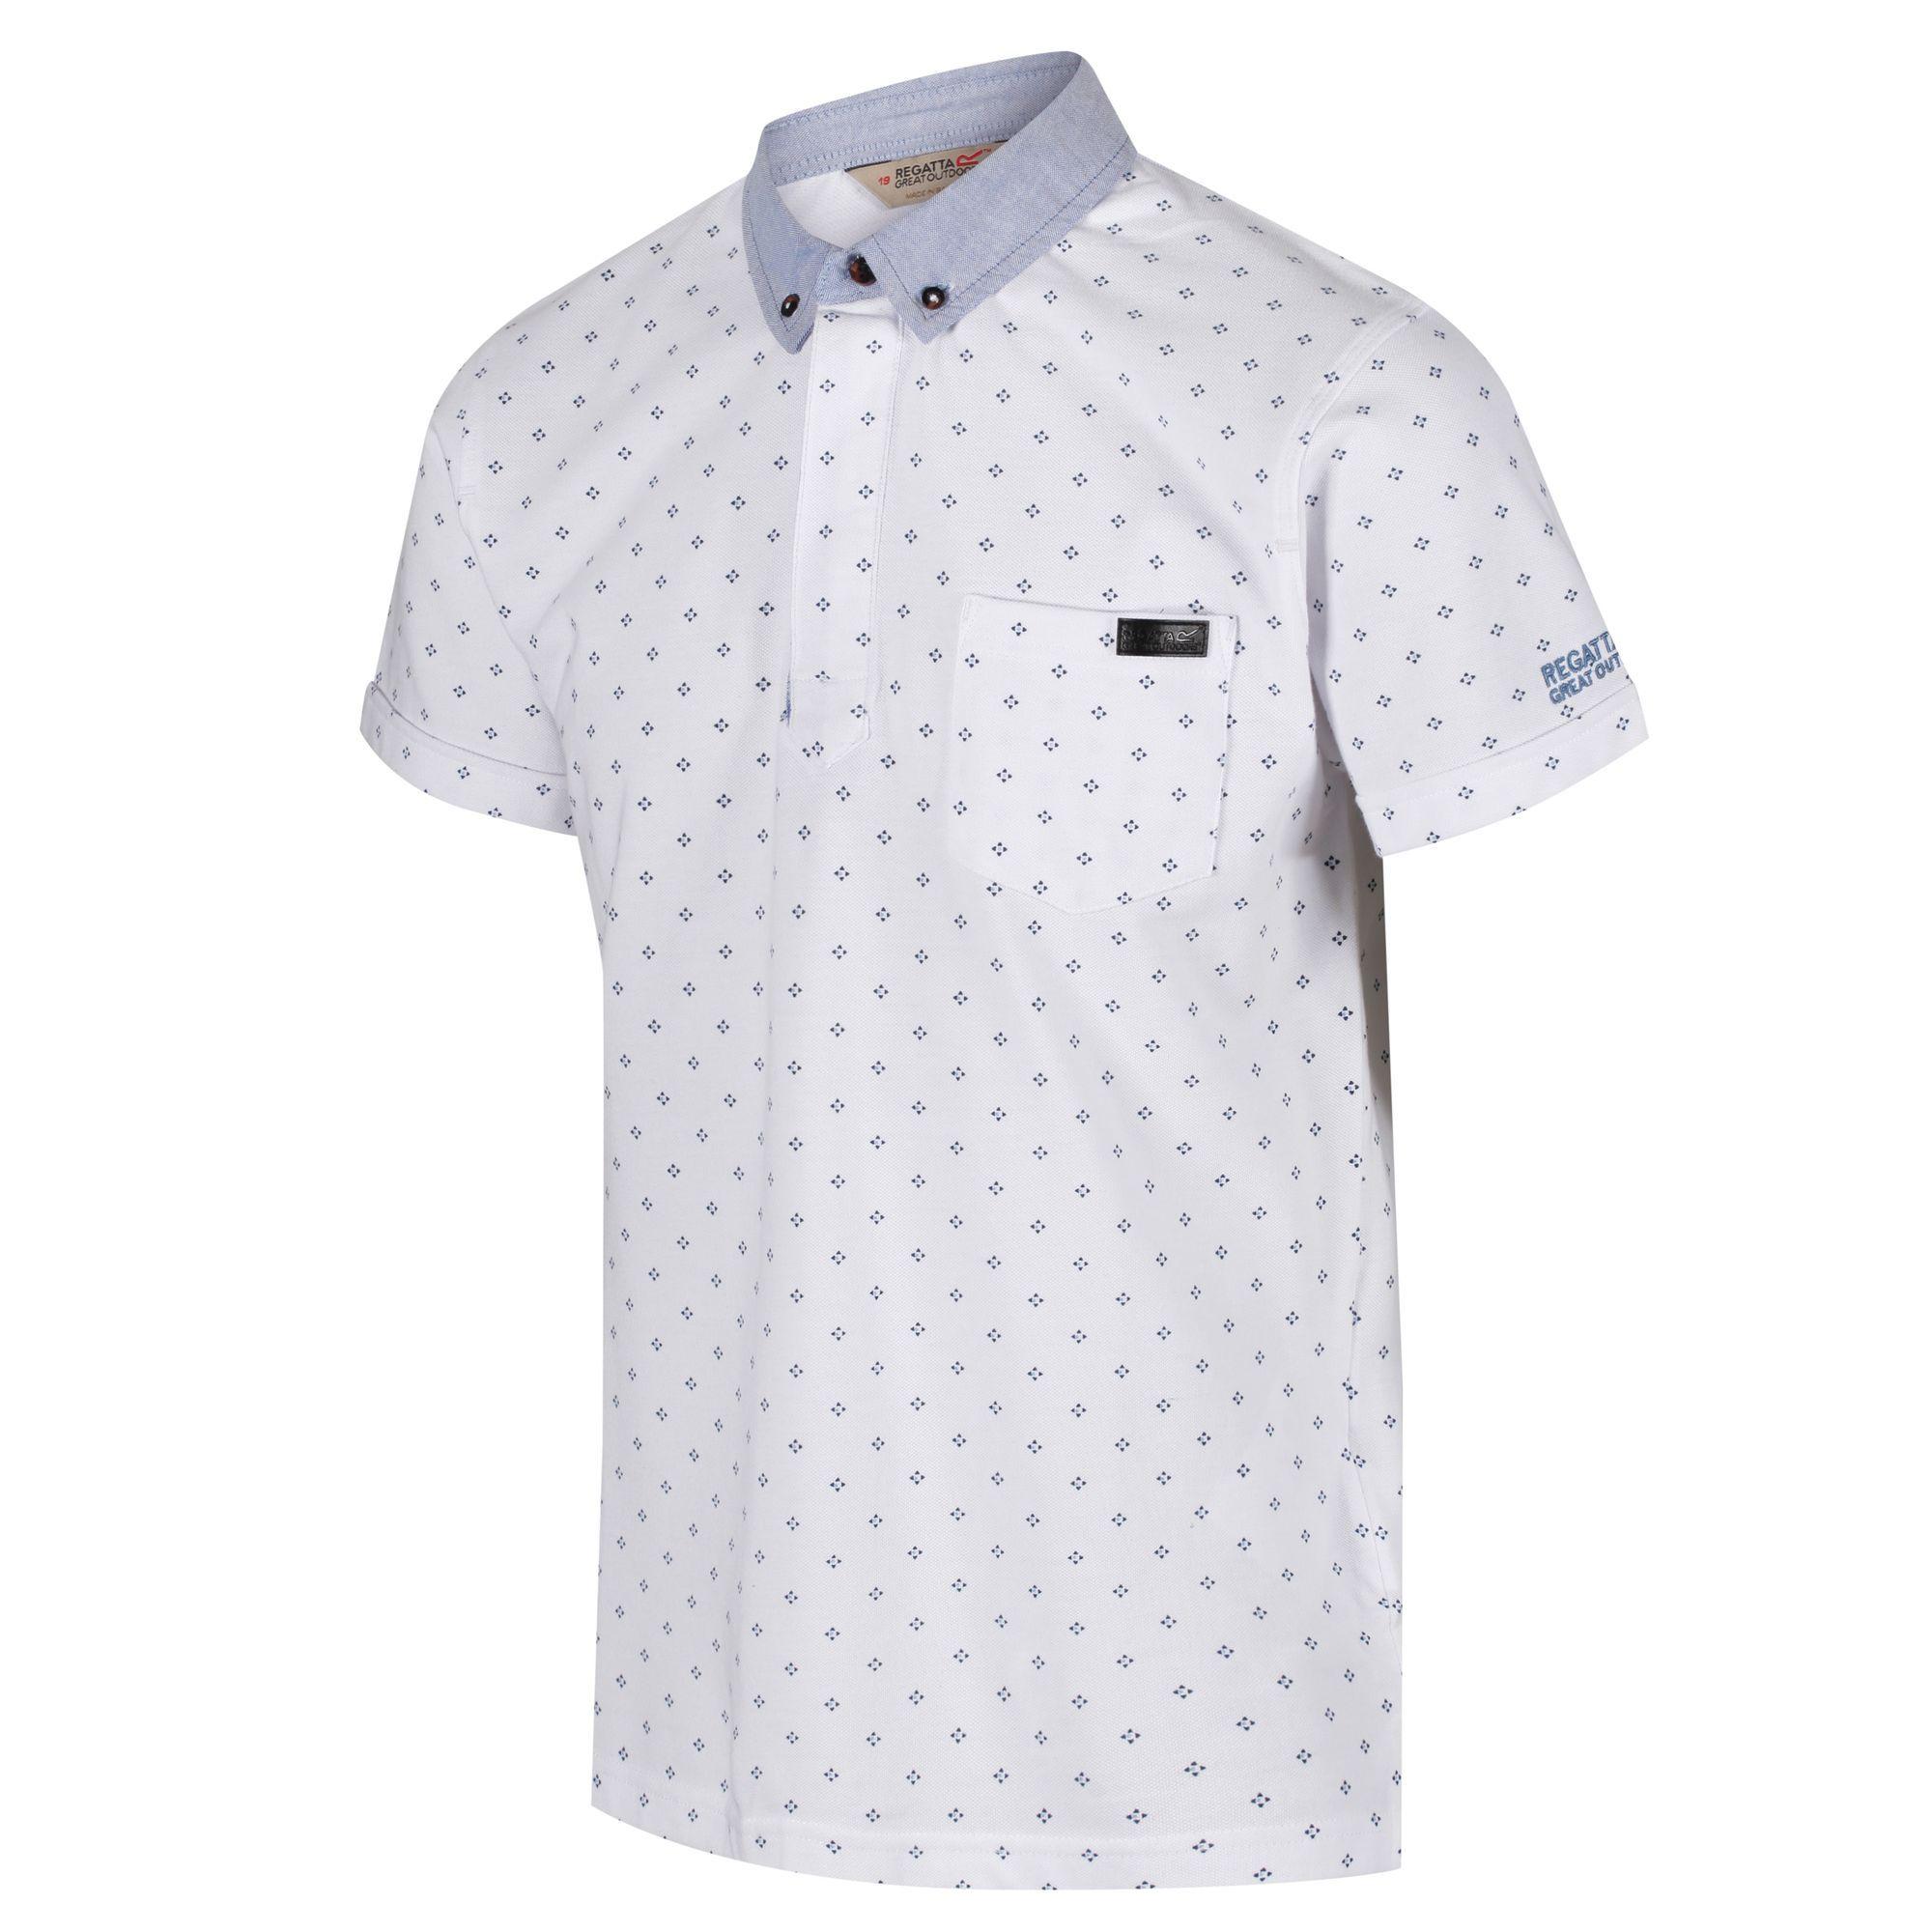 Regatta-Mens-Bahram-Polo-Shirt-RG4205 thumbnail 10